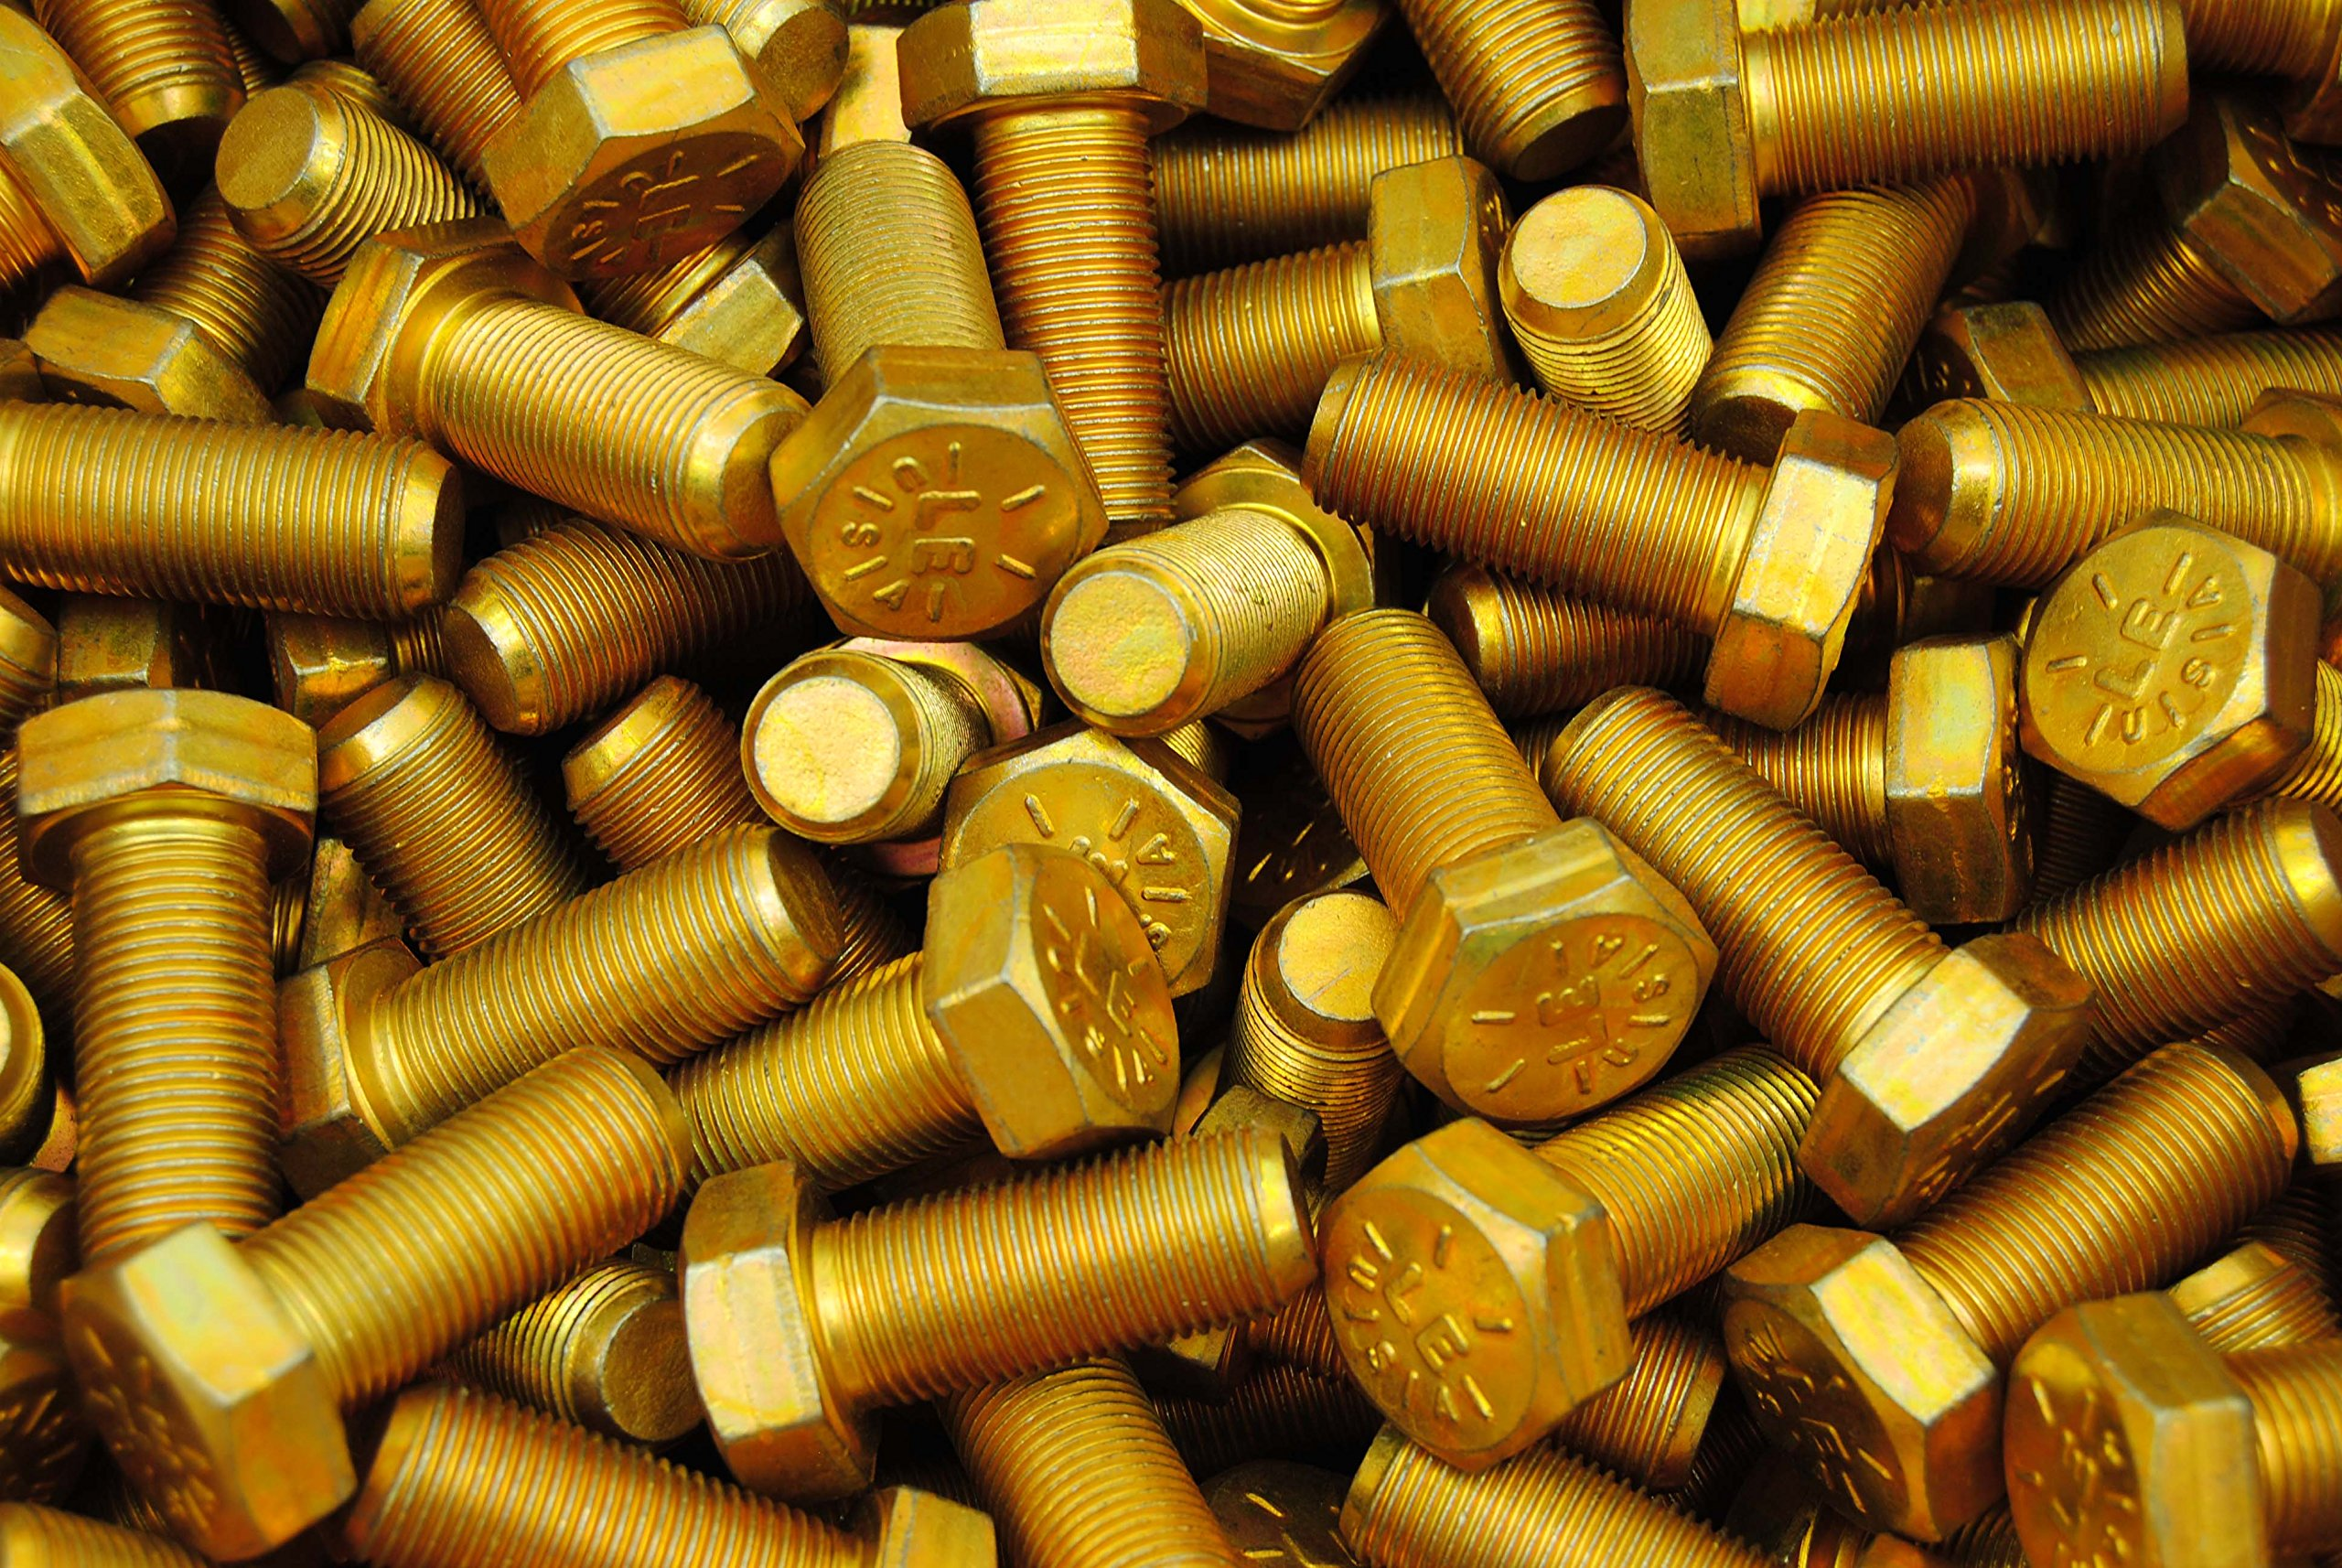 (30) Hex Head Bolts 5/8-18 x 1-1/2 Grade 8 Fine Thread Yellow Zinc USA Made